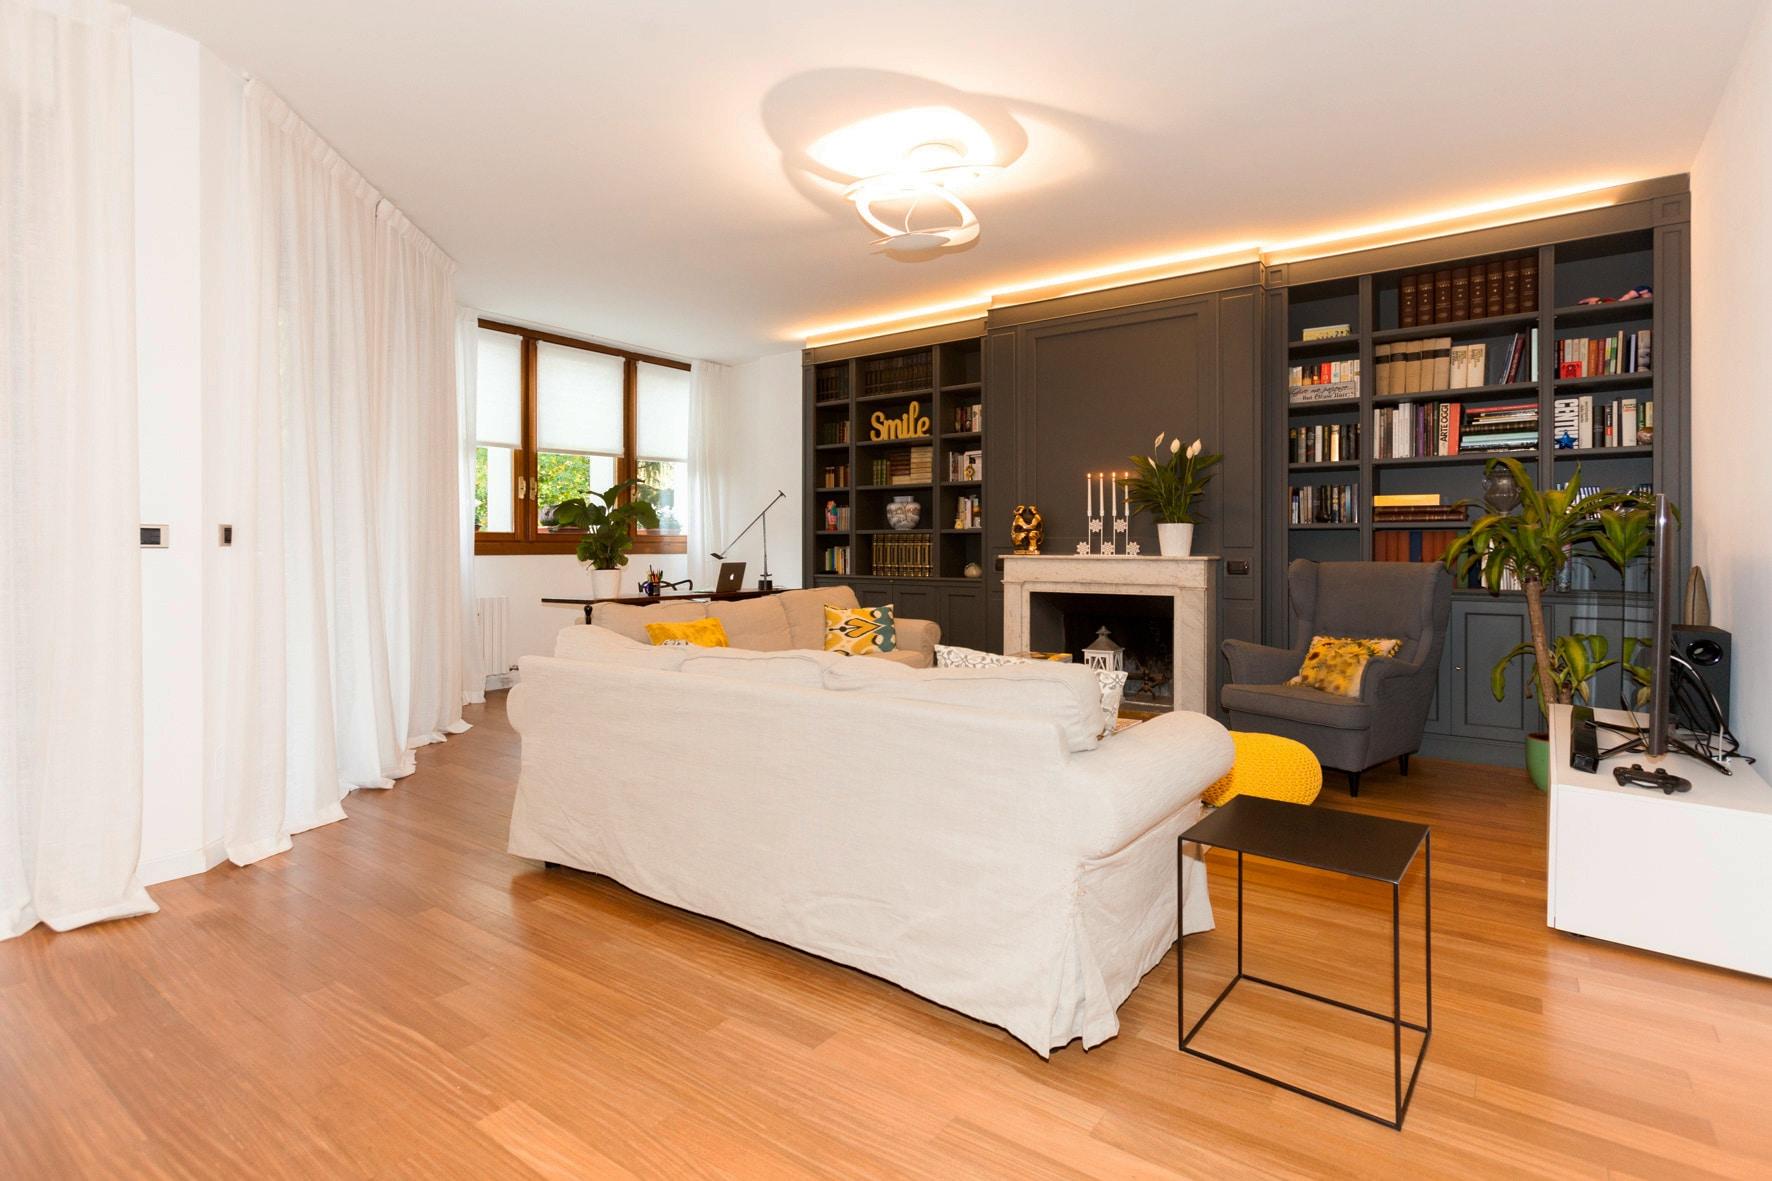 milano milano Milano e il prestigio dei suoi immobili 20171107174924 4